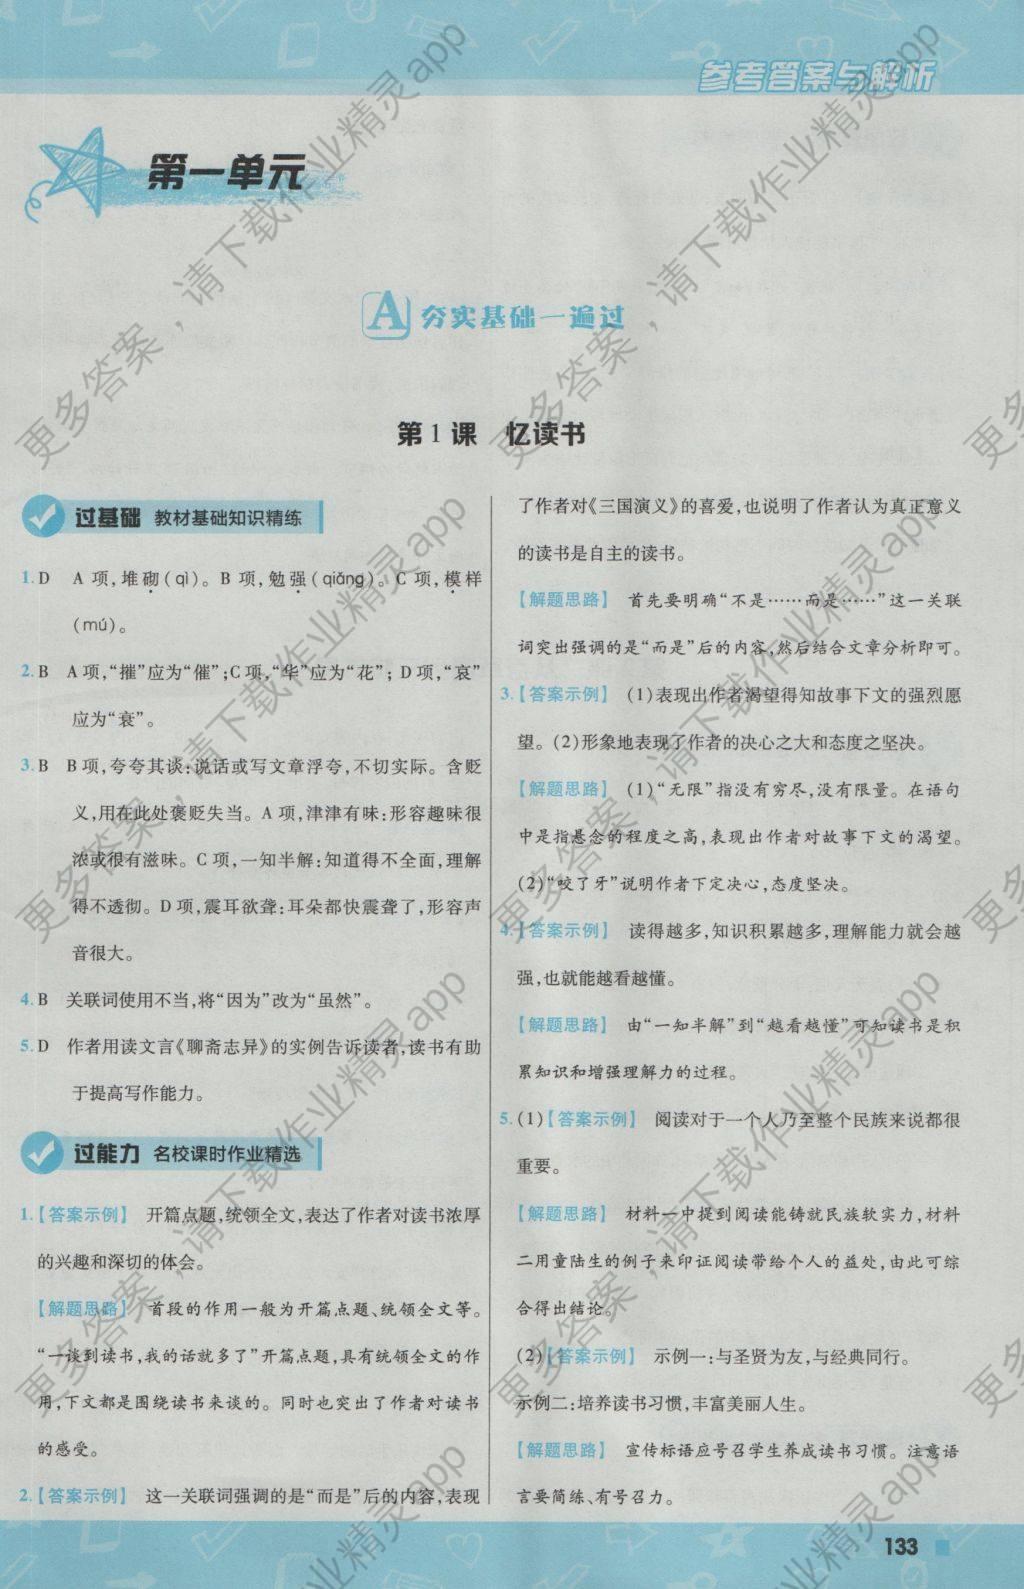 2016年一遍过初中语文七年级上册语文版 参考答案第1页